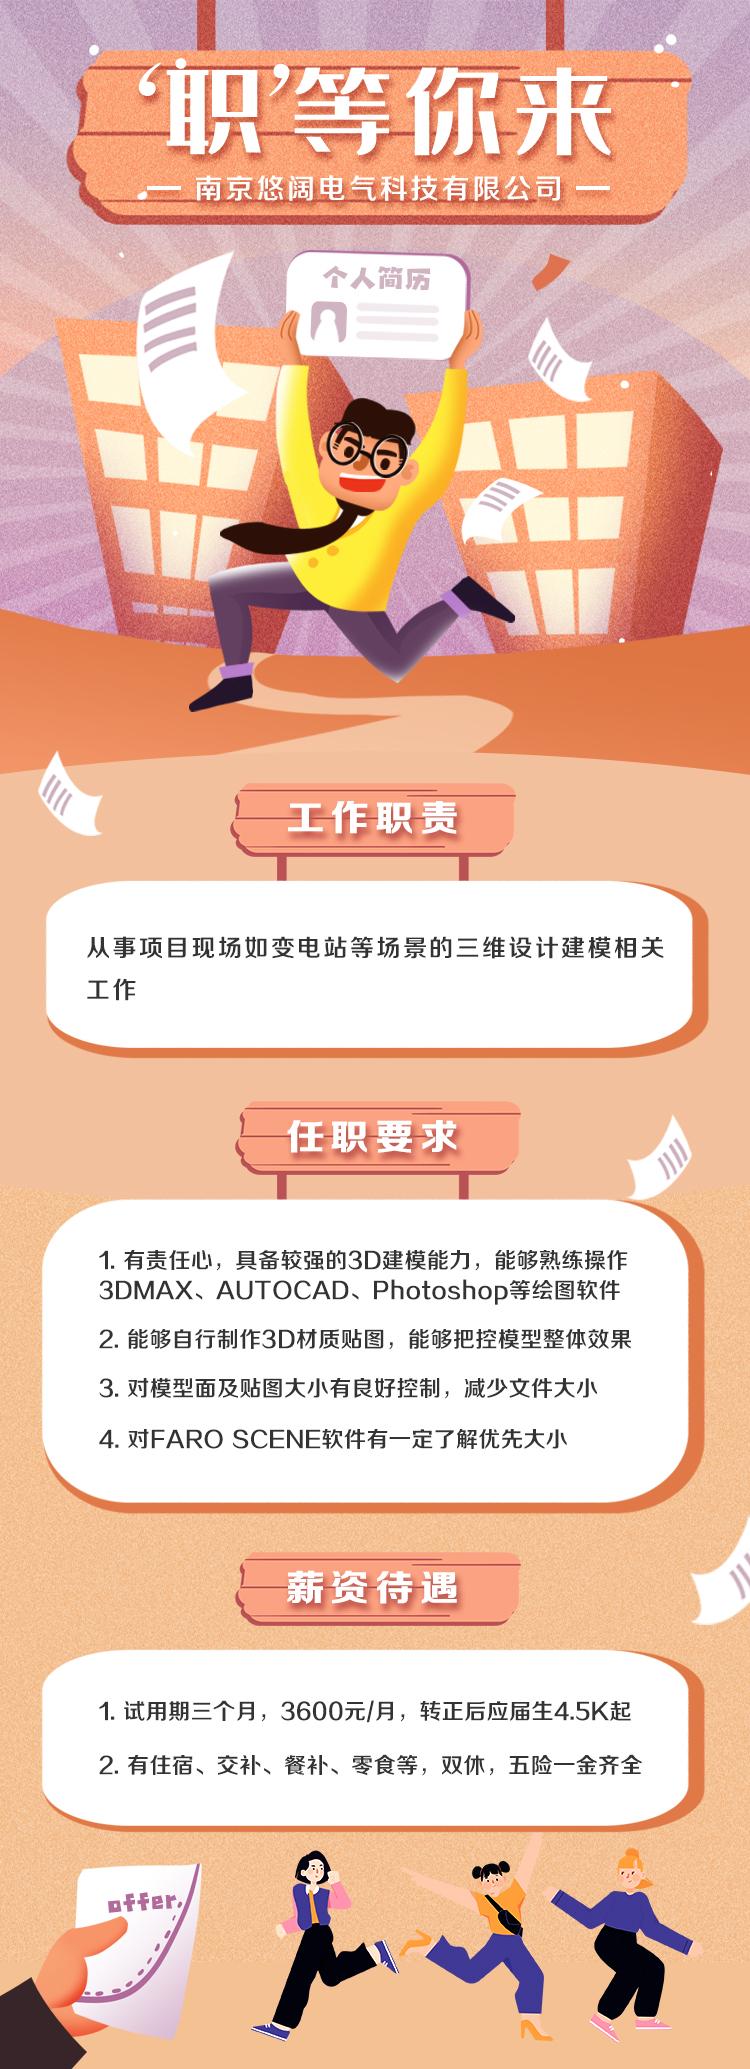 南京悠阔电气科技有限公司招聘信息